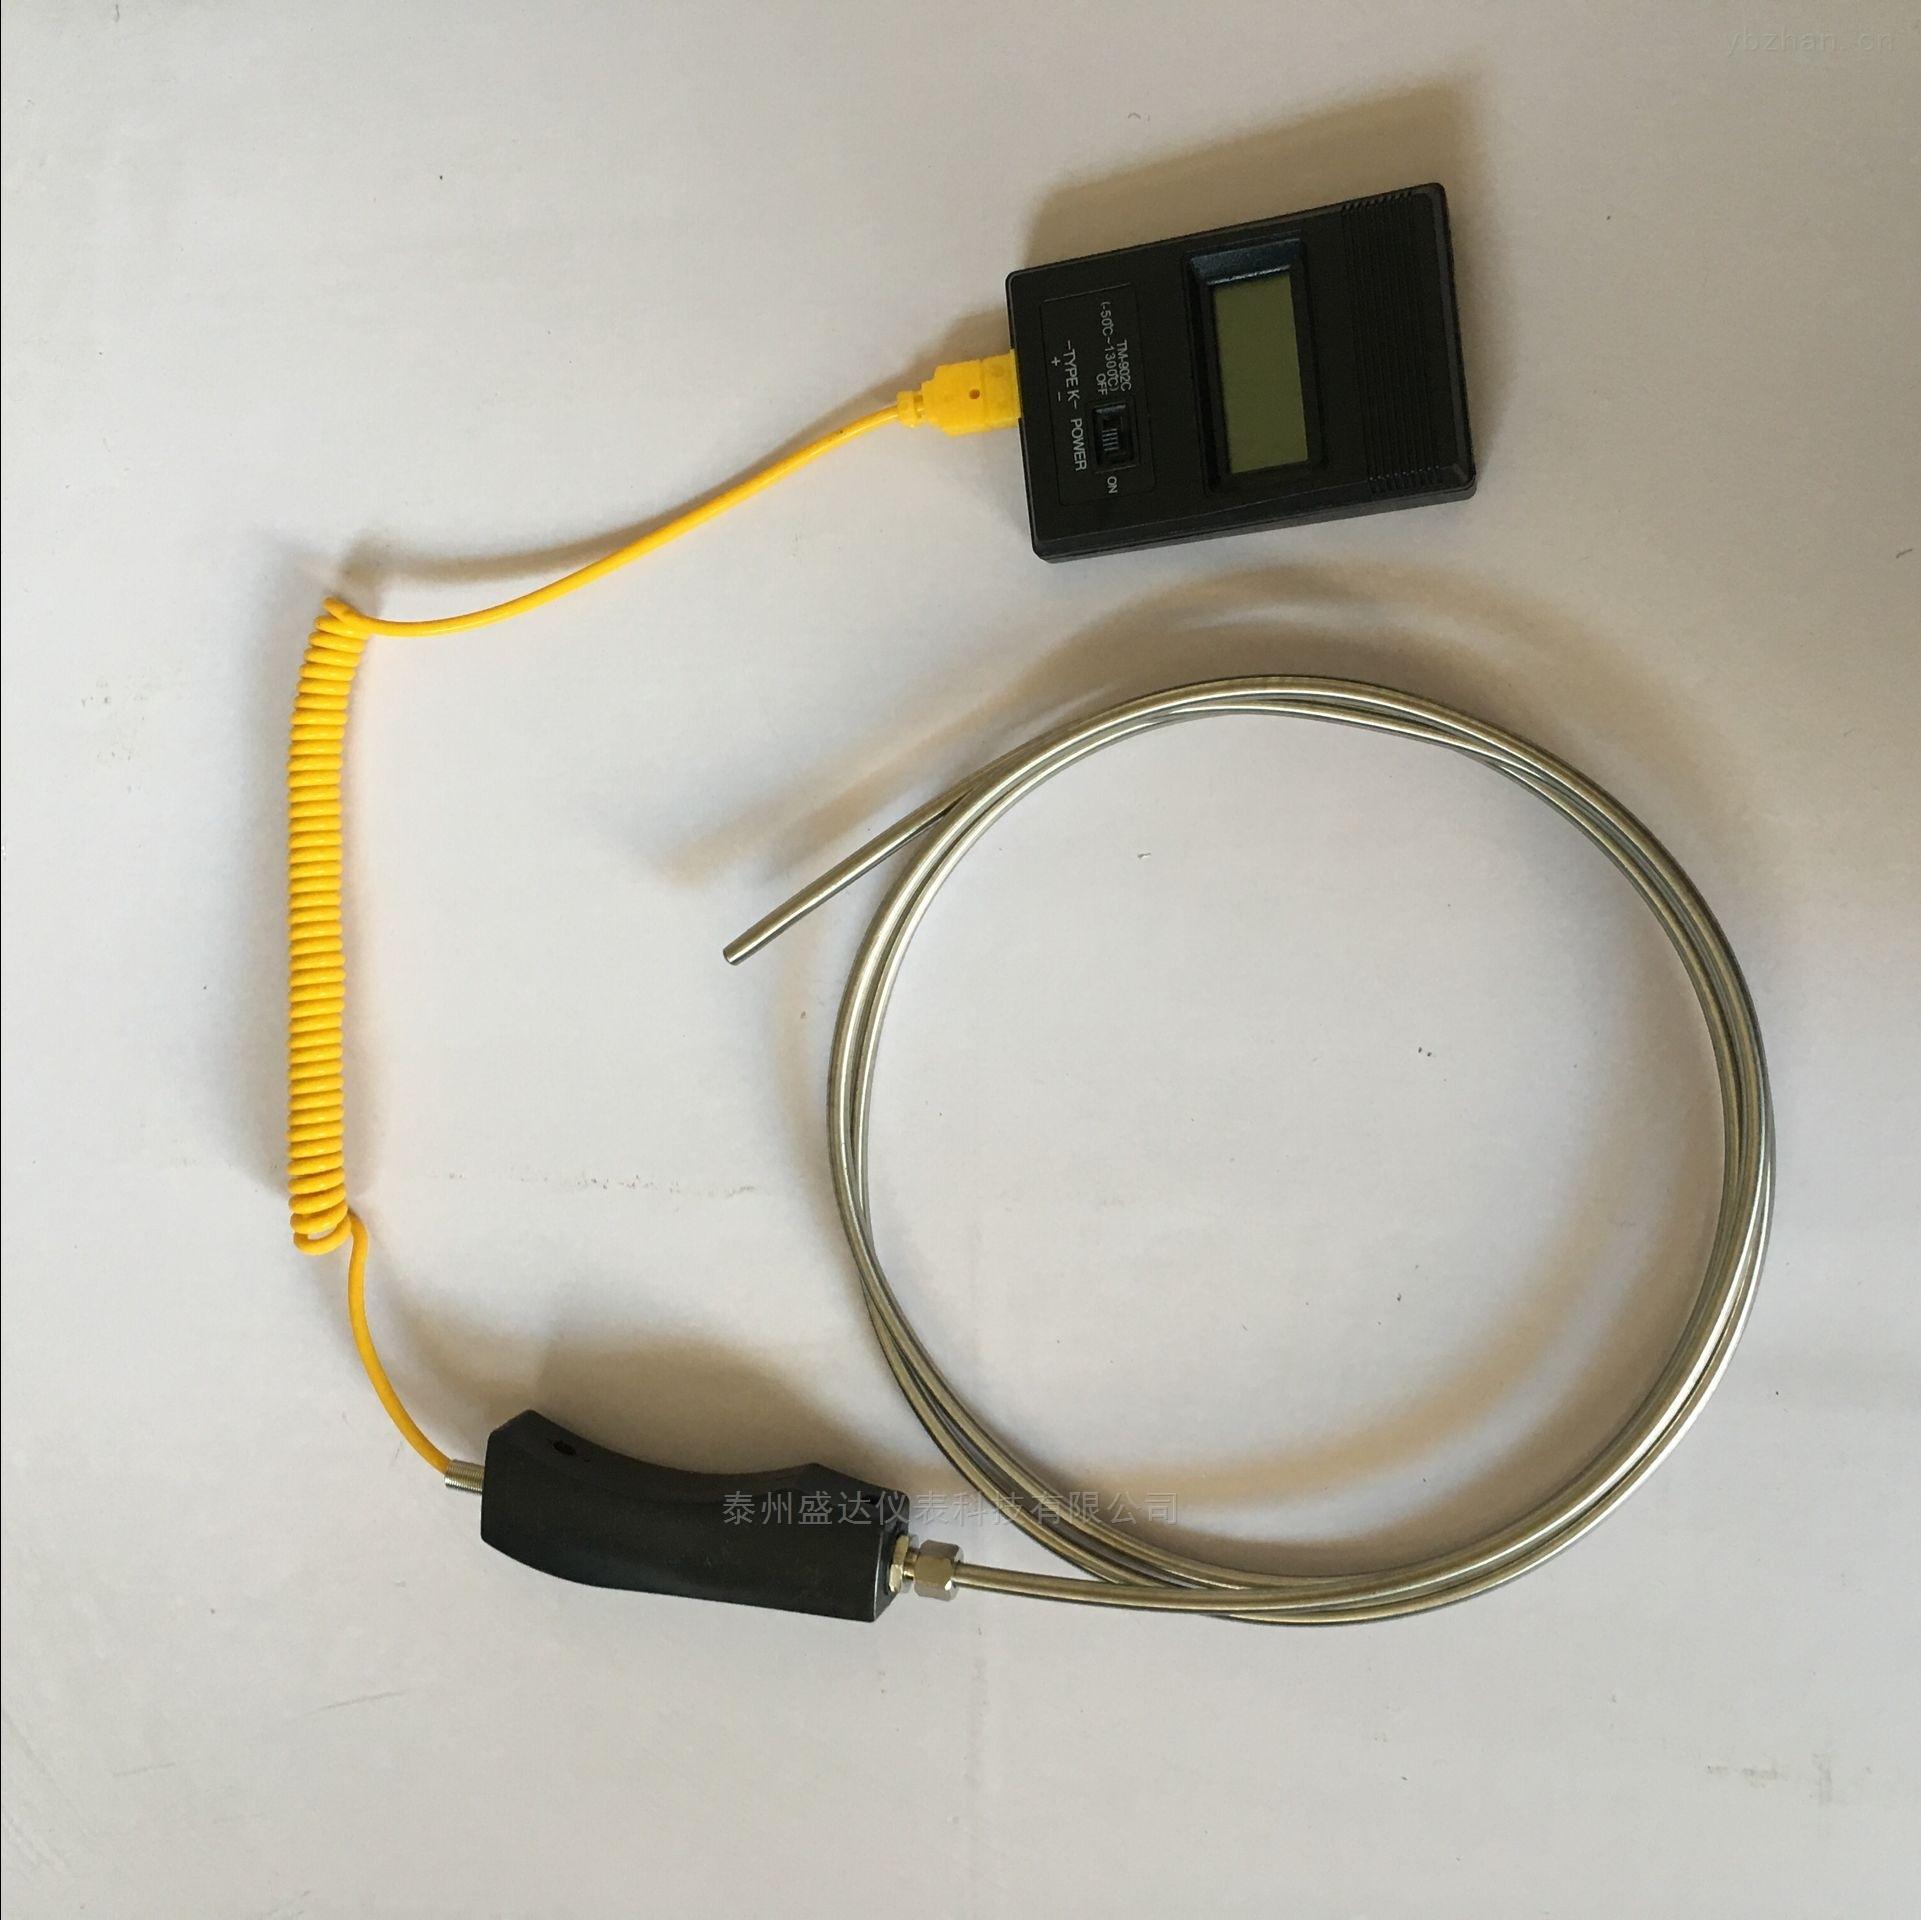 K型大手柄式铝水专用快速测温热电偶